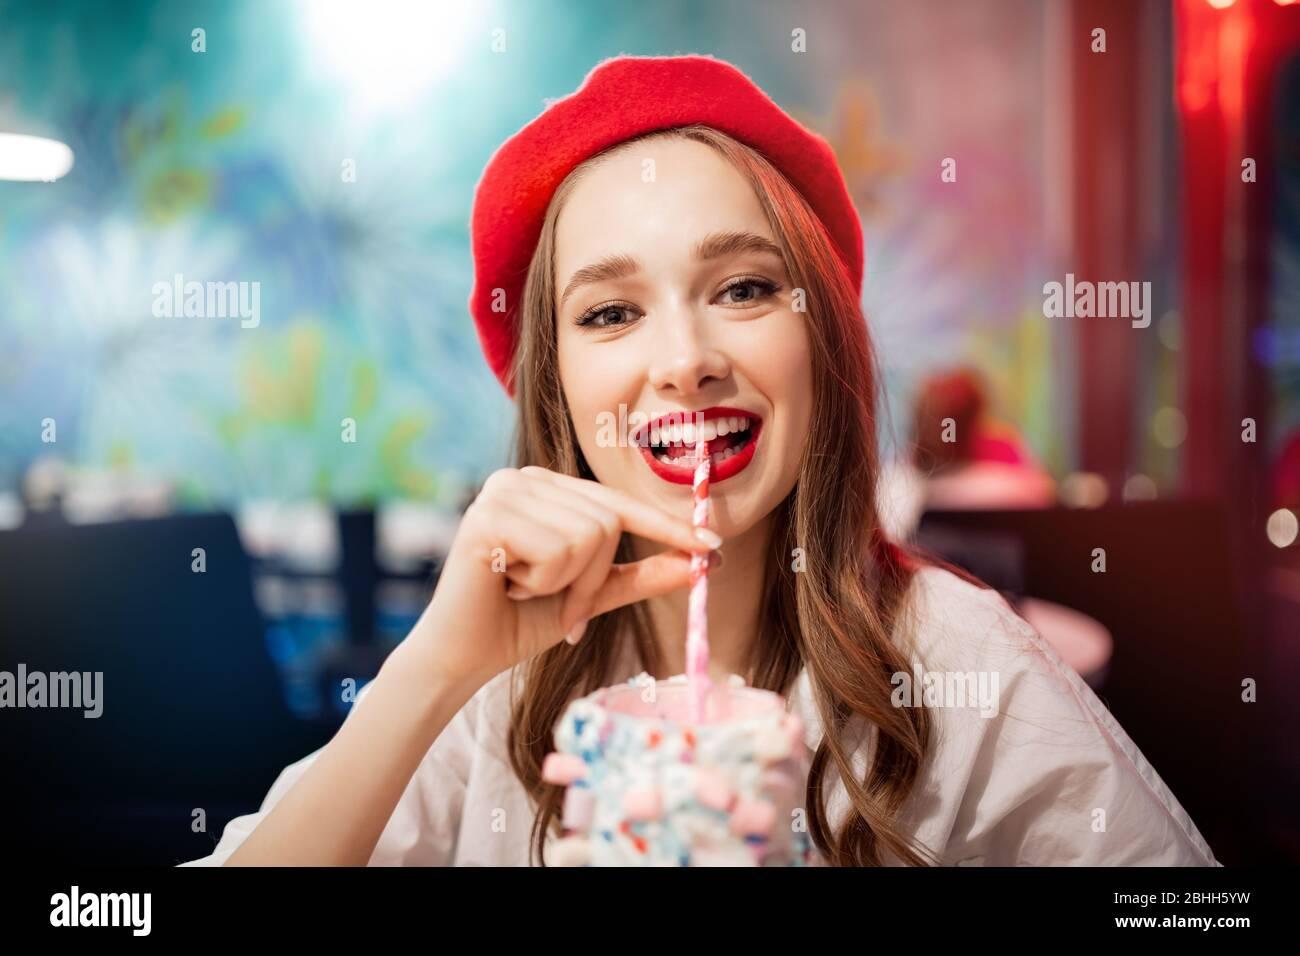 Ragazza con denti bianchi, bel sorriso in berretto rosso, Francia bevande rosa fragola milkshake dalla paglia Foto Stock